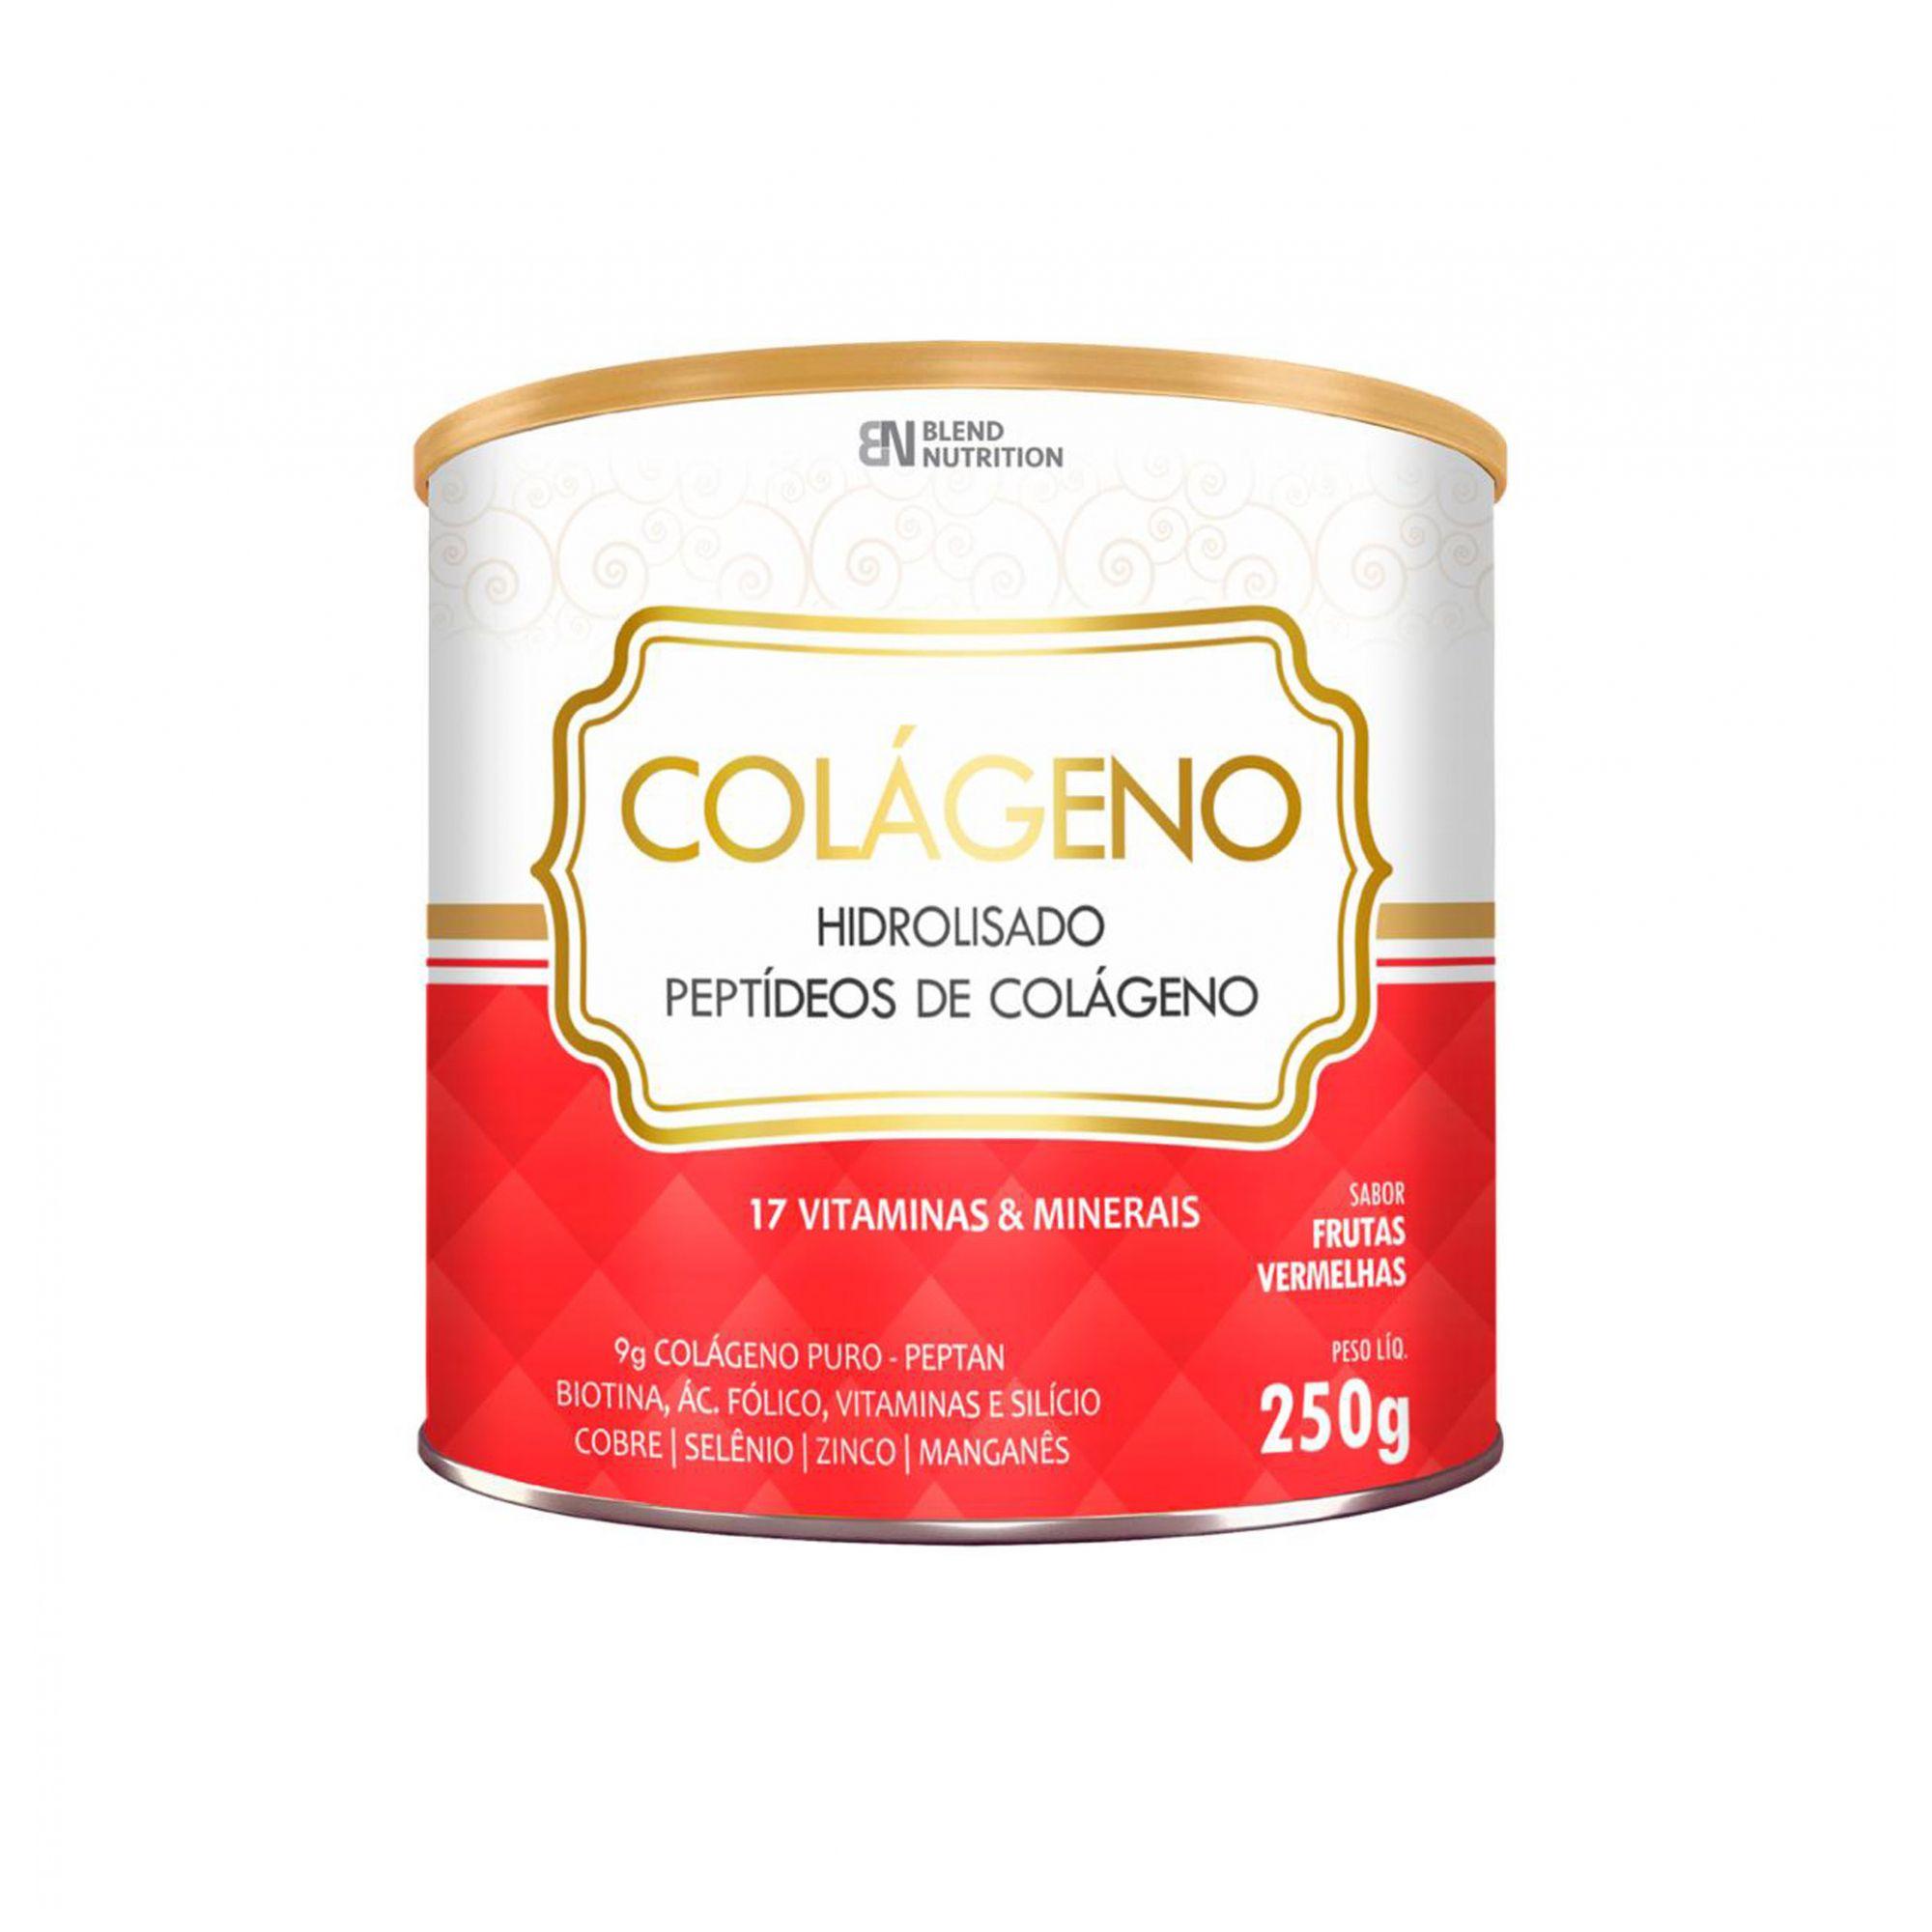 Colágeno Hidrolisado Peptídeos 17 Vitaminas e Minerais 250g